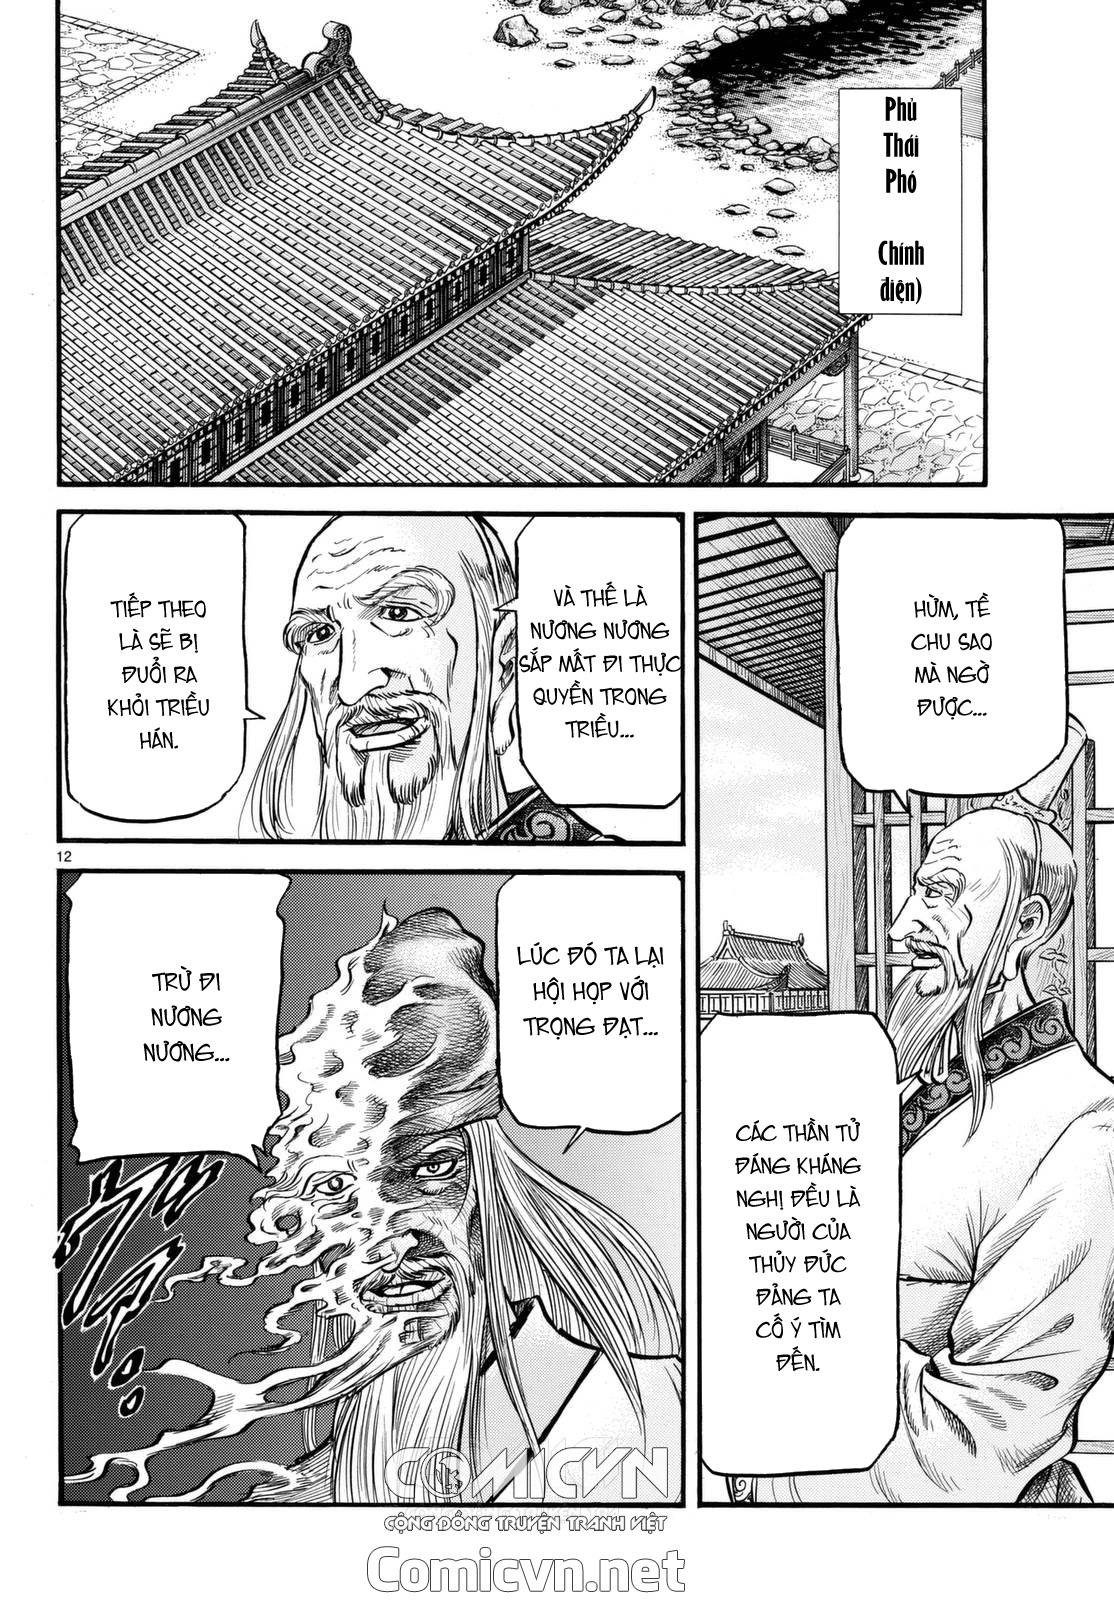 Chú bé rồng-Ryuuroden chap 278.2 Trang 2 - Mangak.info